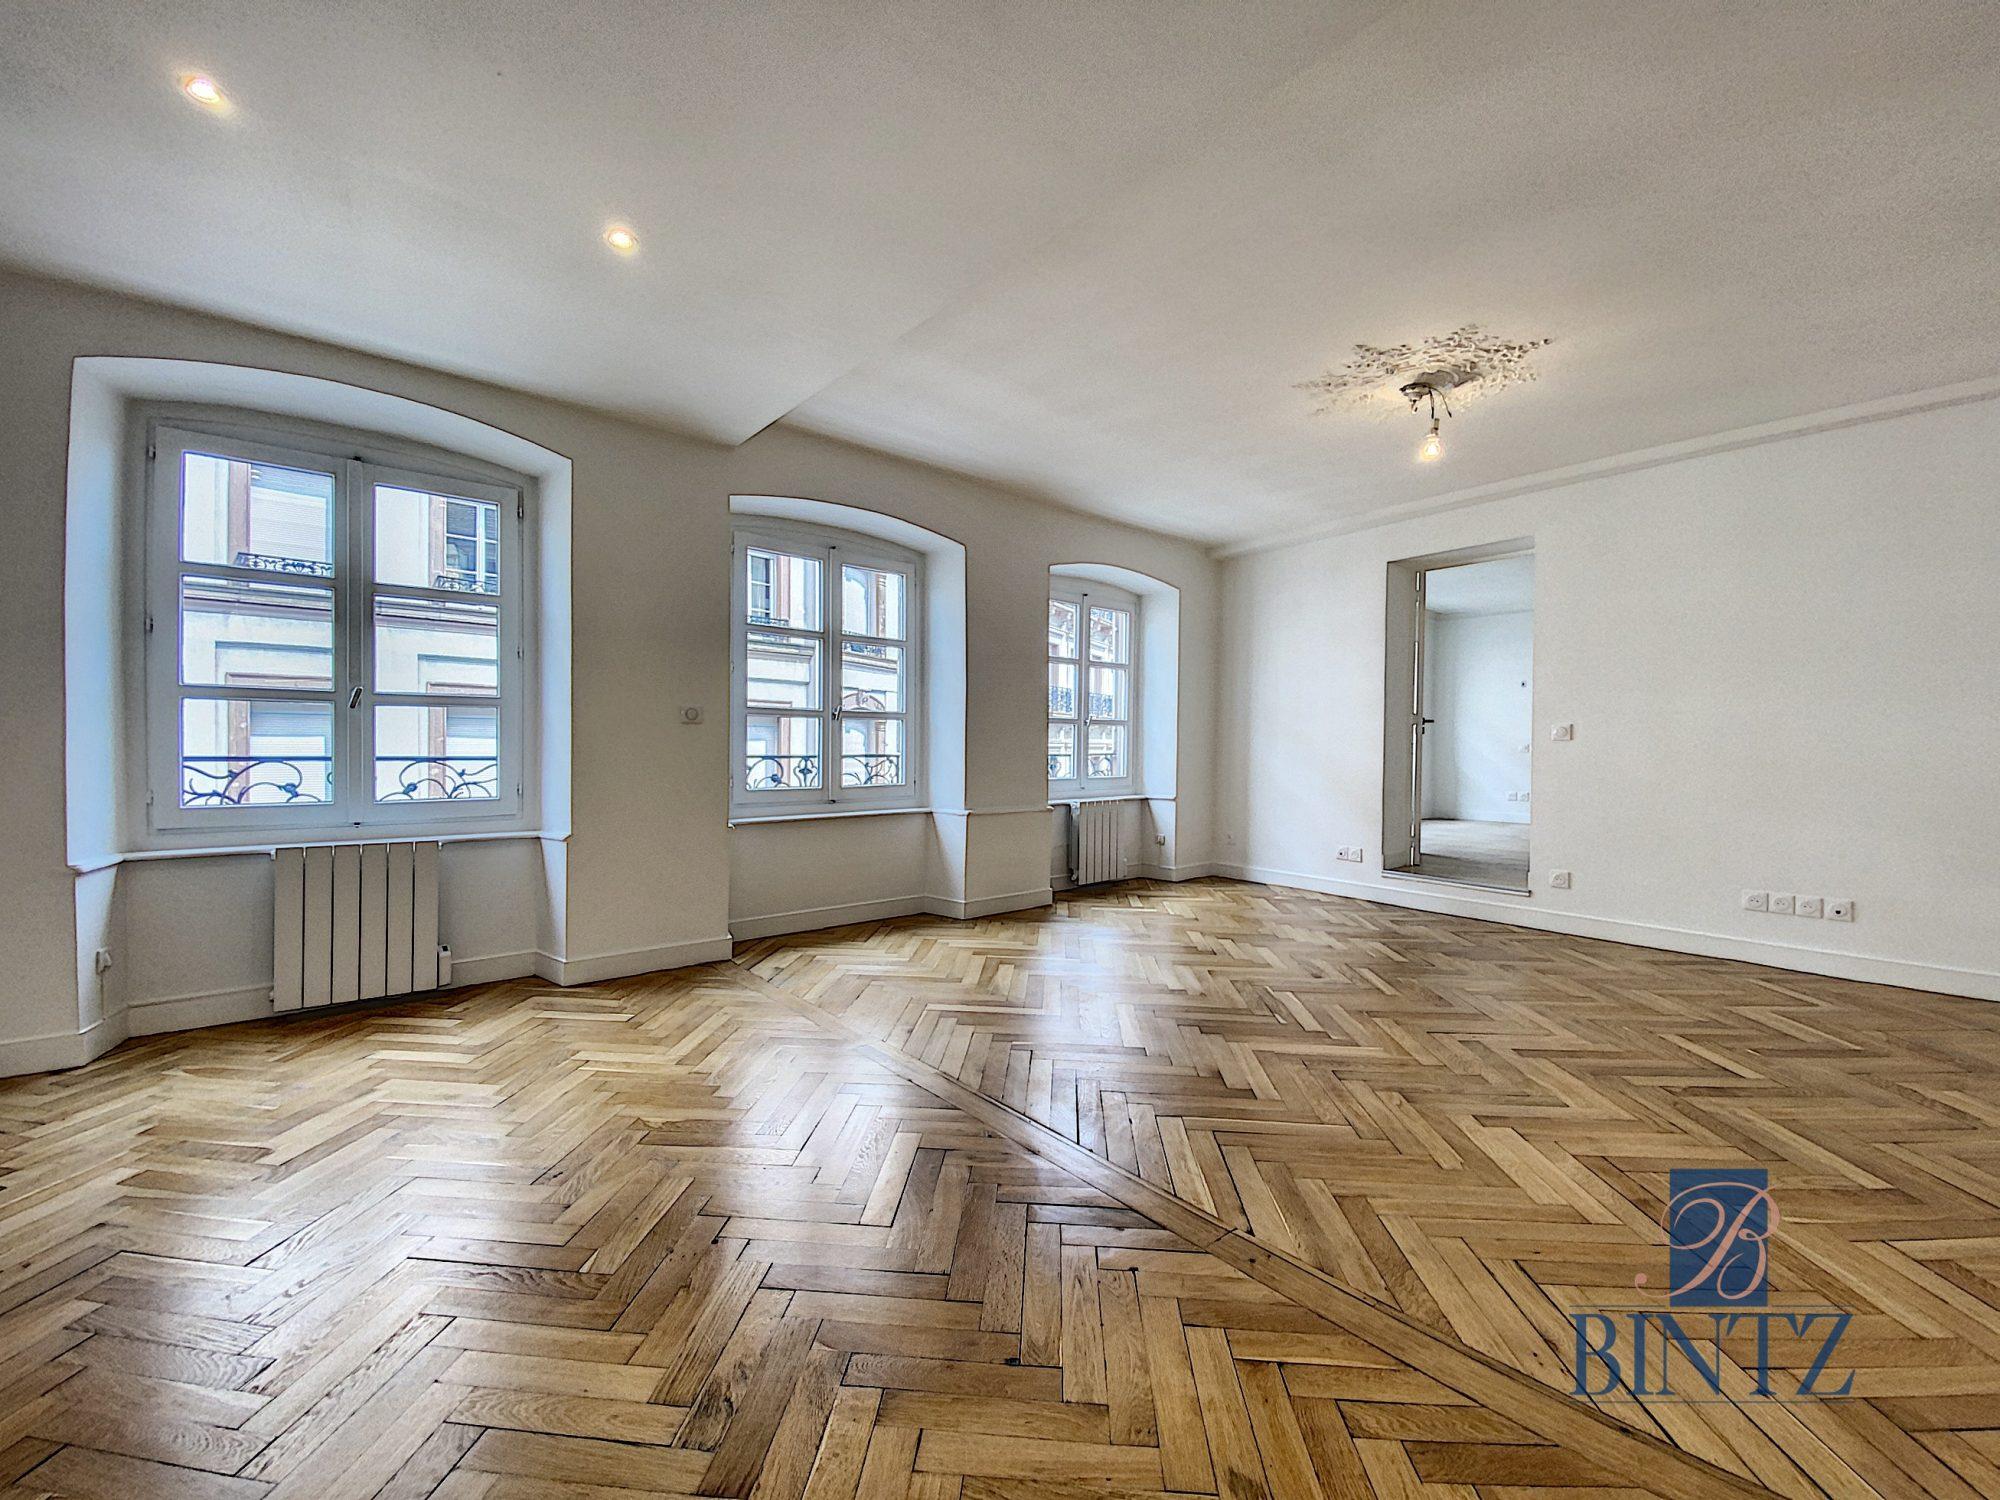 HYPER CENTRE – 4P ENTIÈREMENT RÉNOVÉ - Devenez propriétaire en toute confiance - Bintz Immobilier - 1